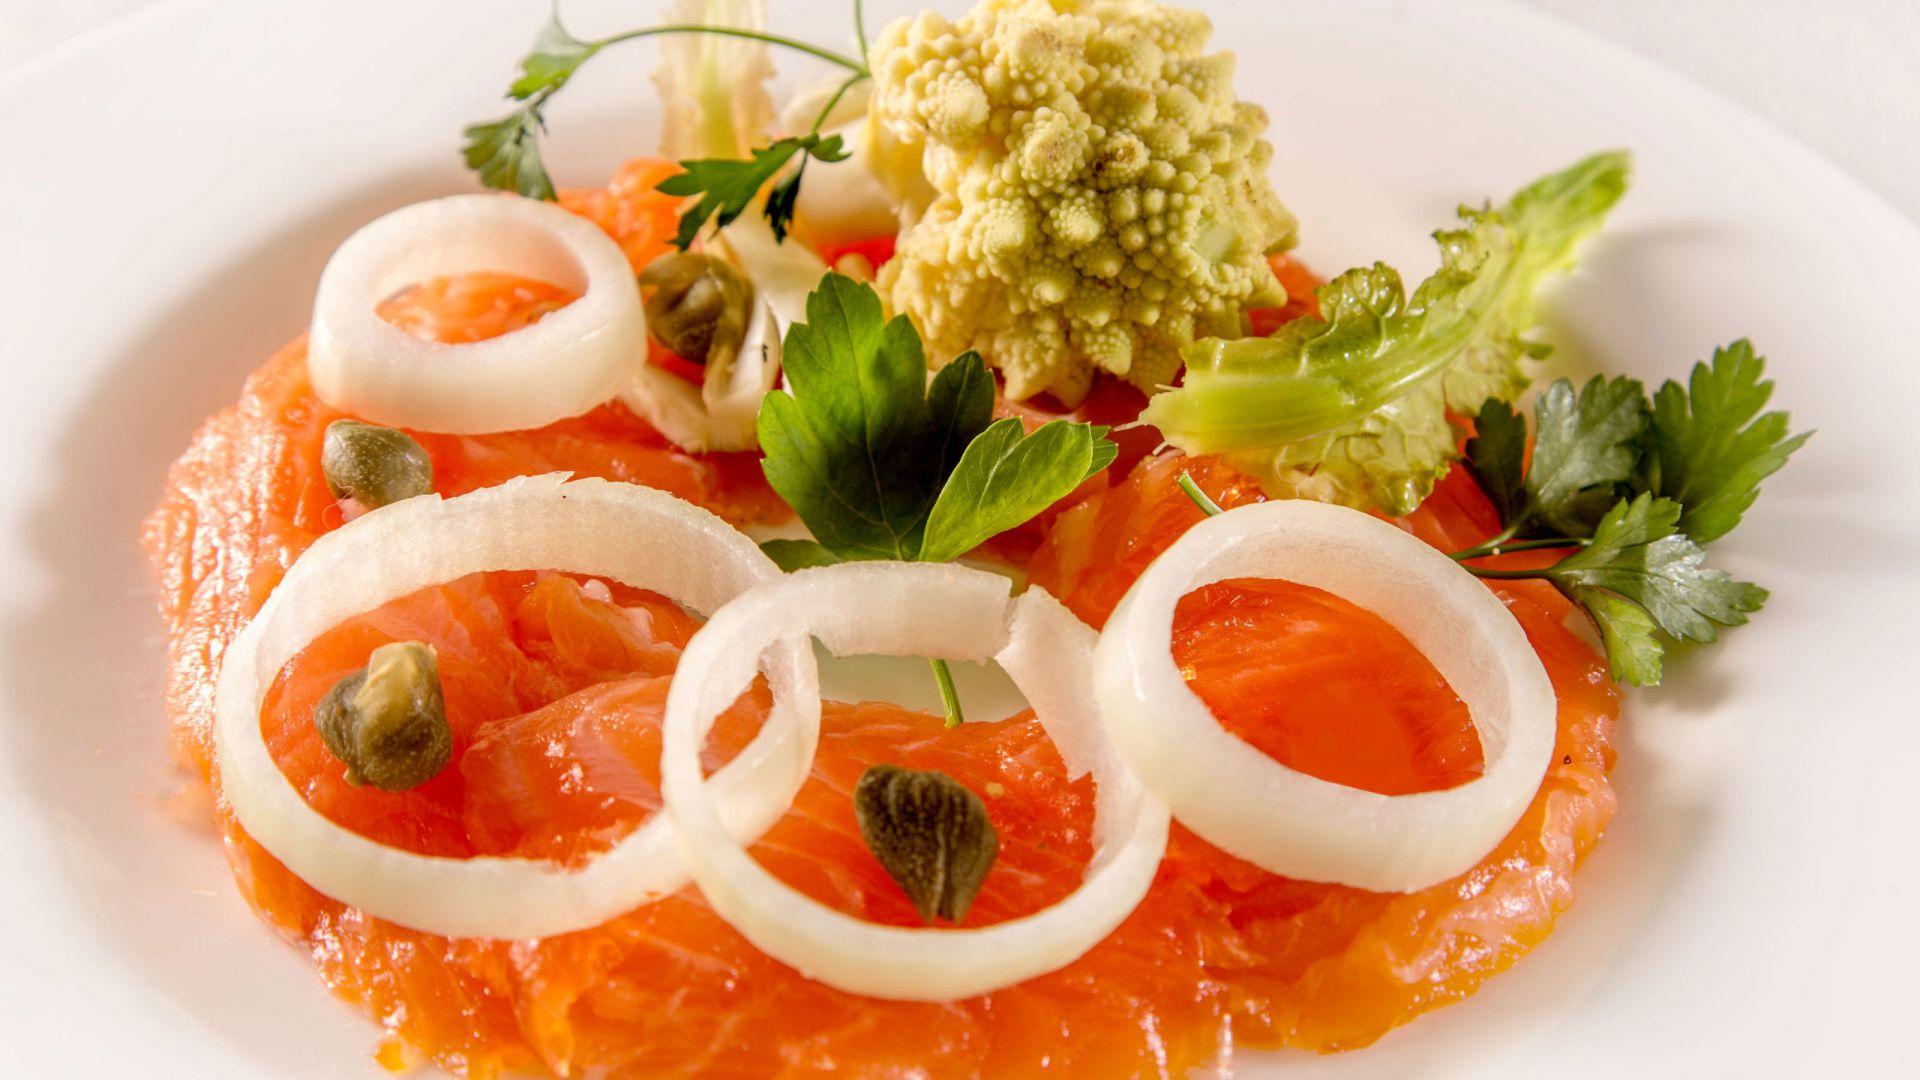 albergo-ottocento-rome-nourriture-02